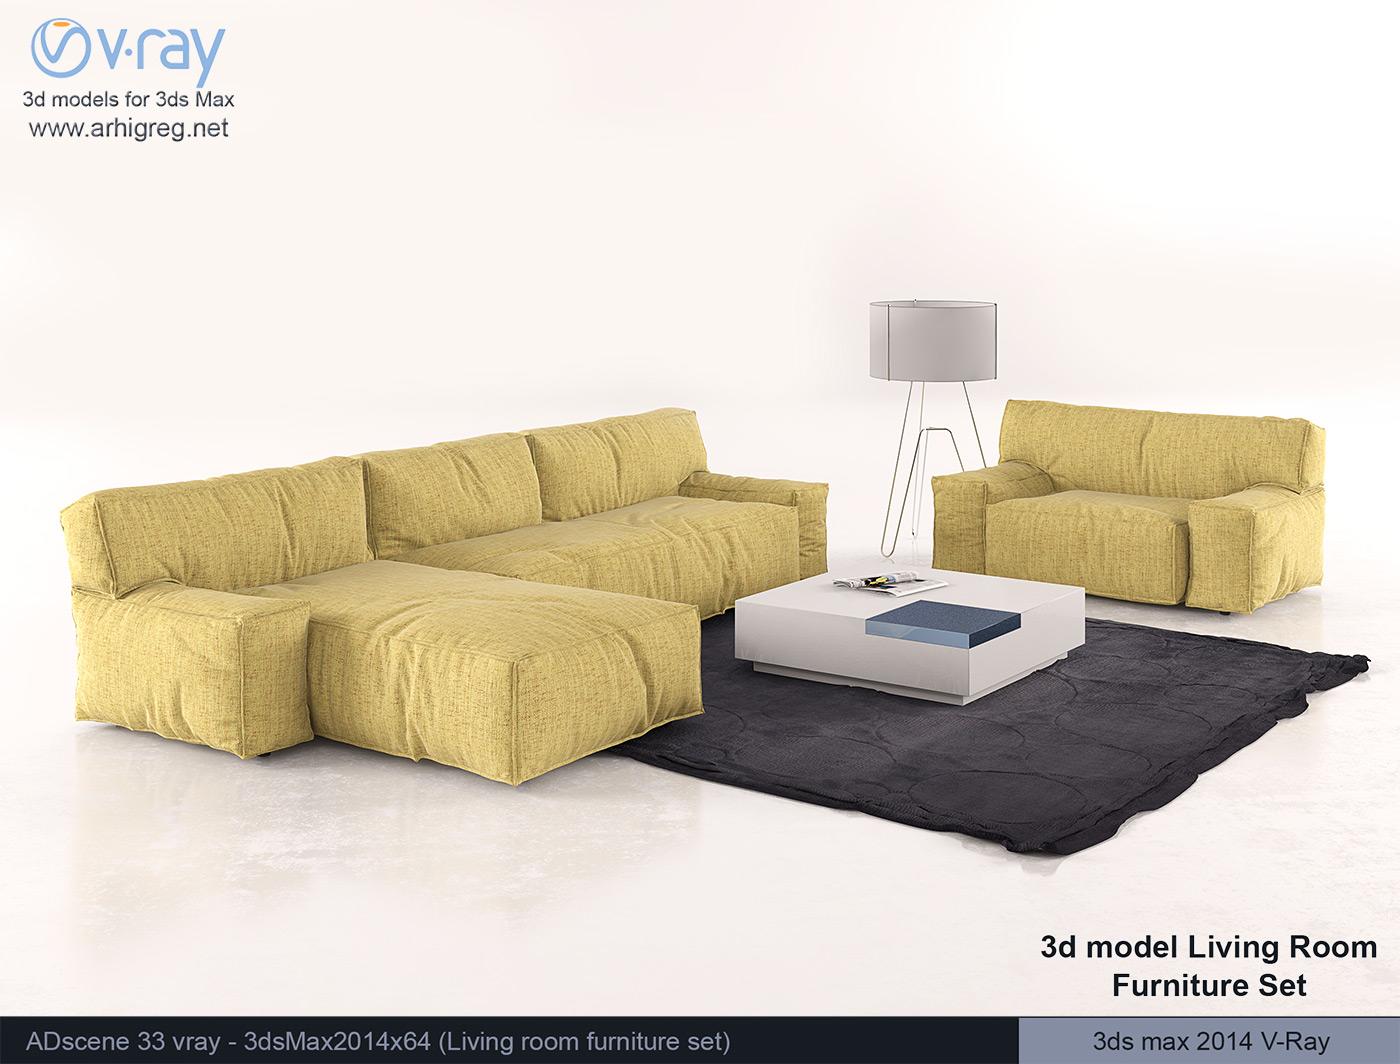 3d model living room furniture set french provincial living room set home design